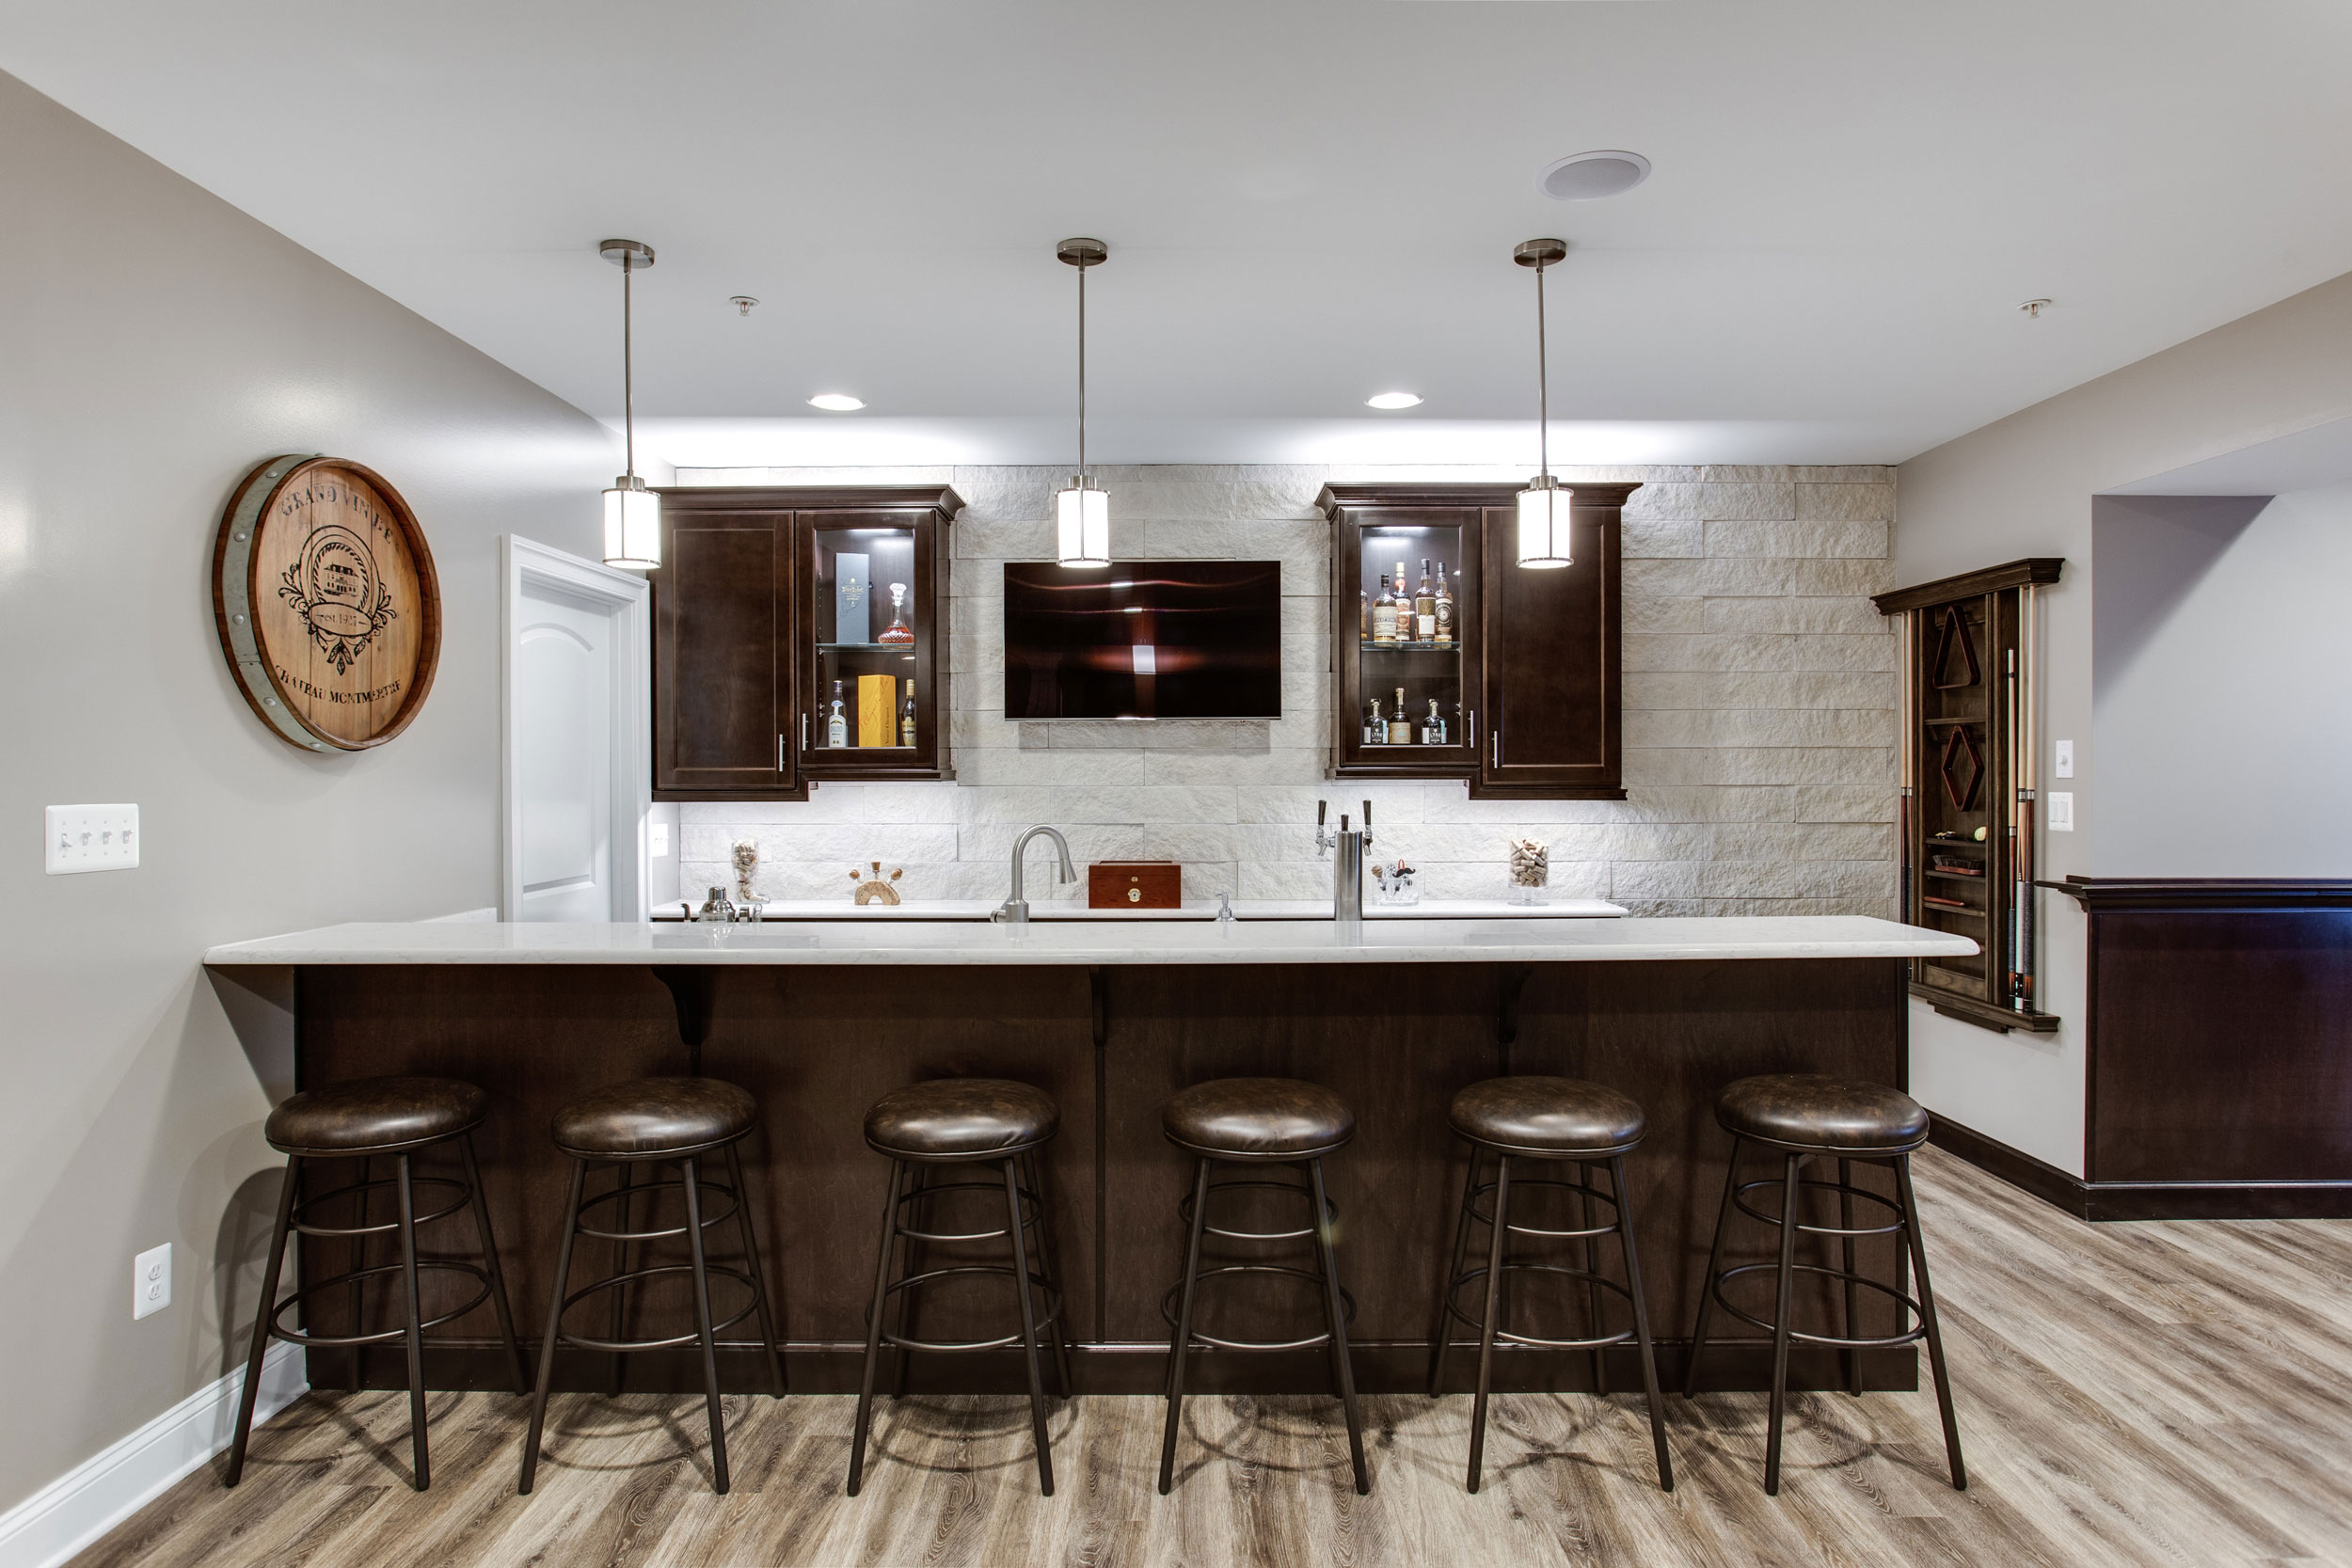 basement remodeling kitchen remodeling frederick md Basement Remodeling